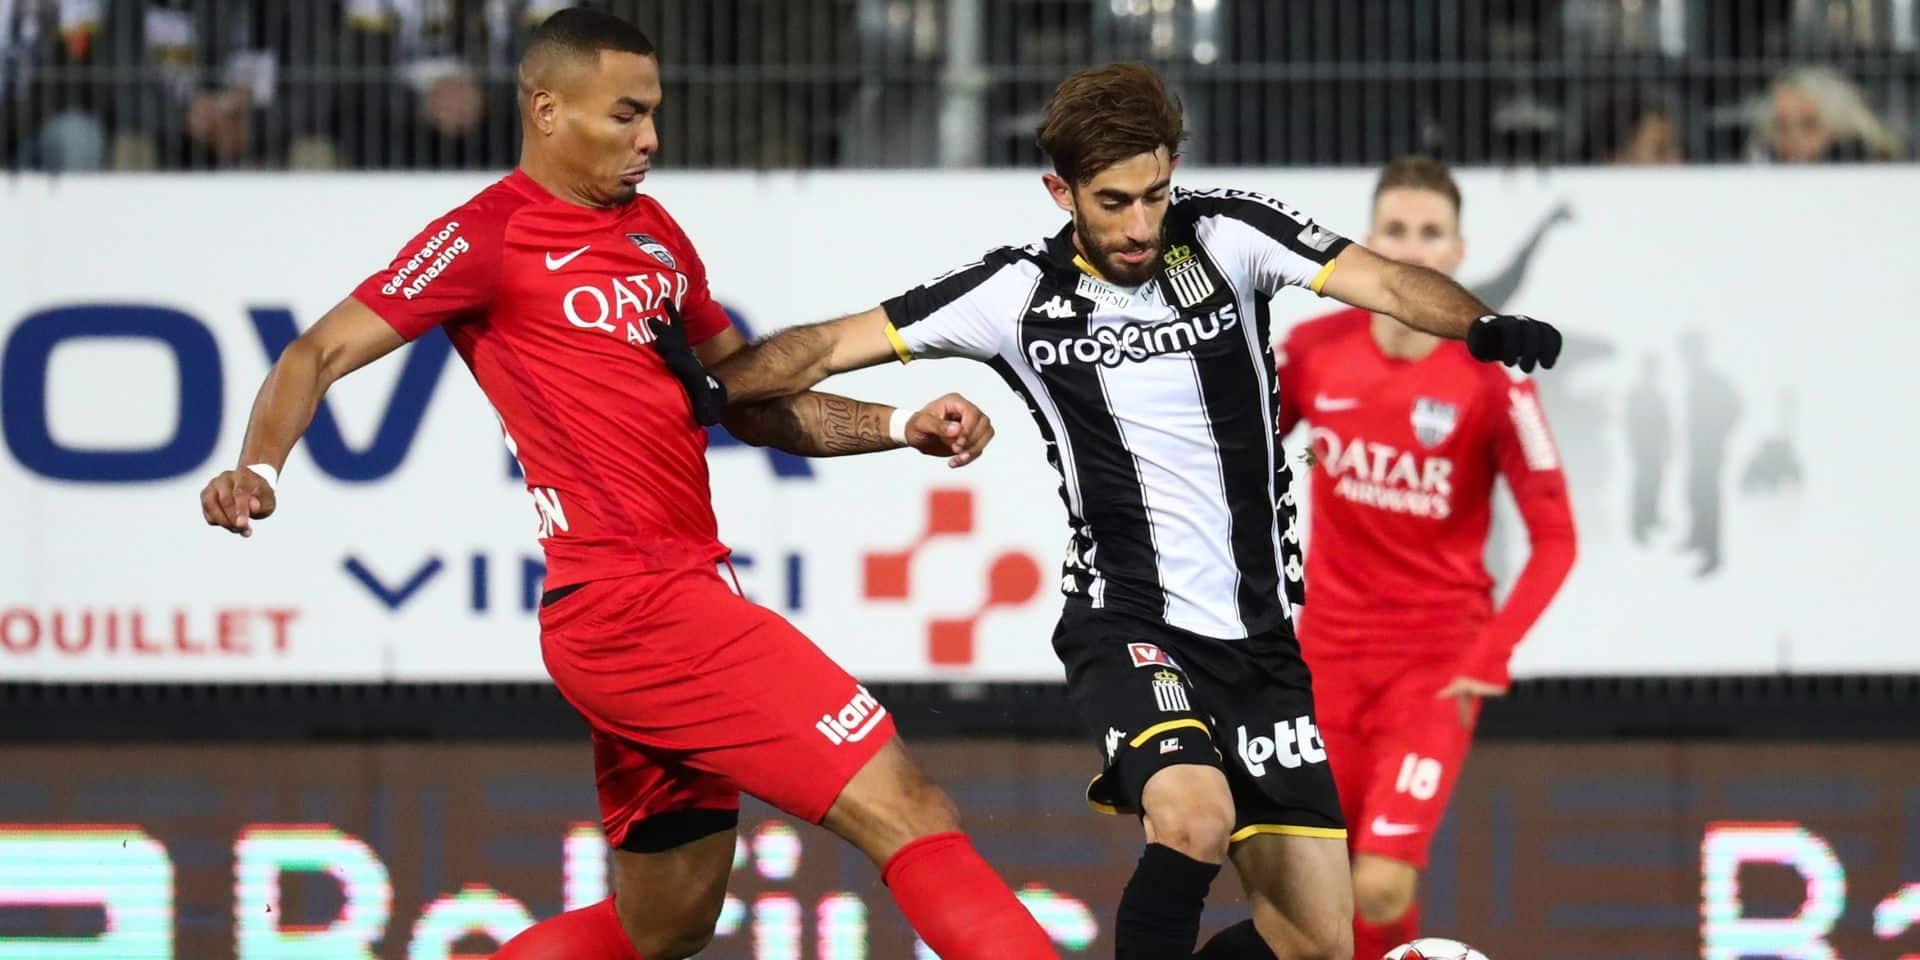 Charleroi s'impose dans la douleur face à Eupen grâce à Kaveh Rezaei (1-0)